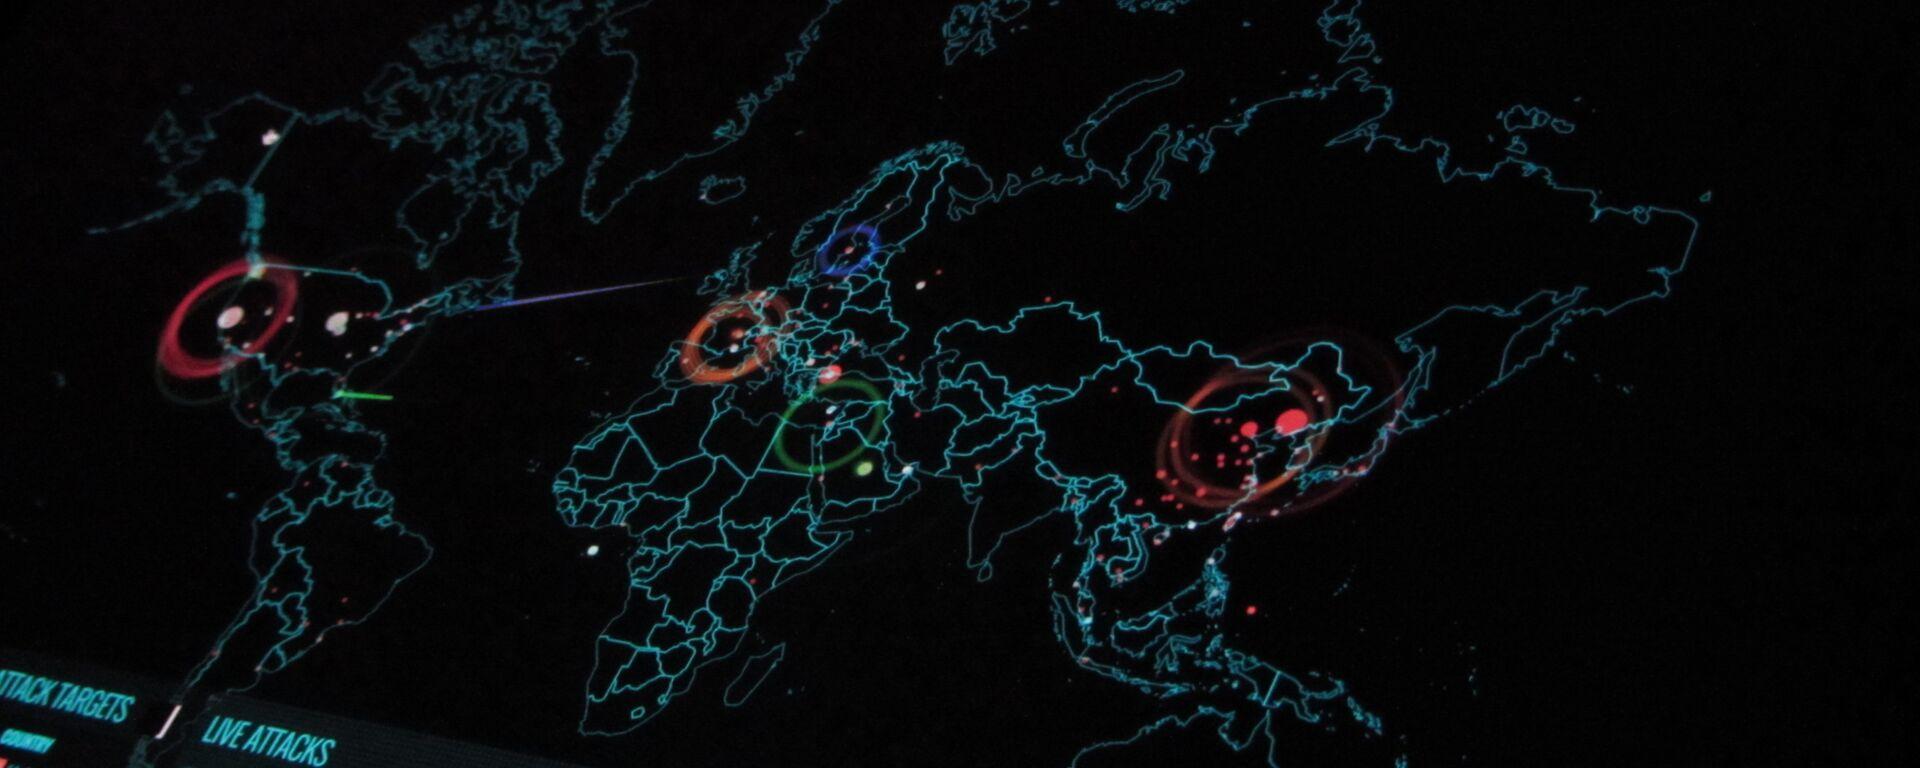 Ciberataque (imagen referencial) - Sputnik Mundo, 1920, 12.03.2021